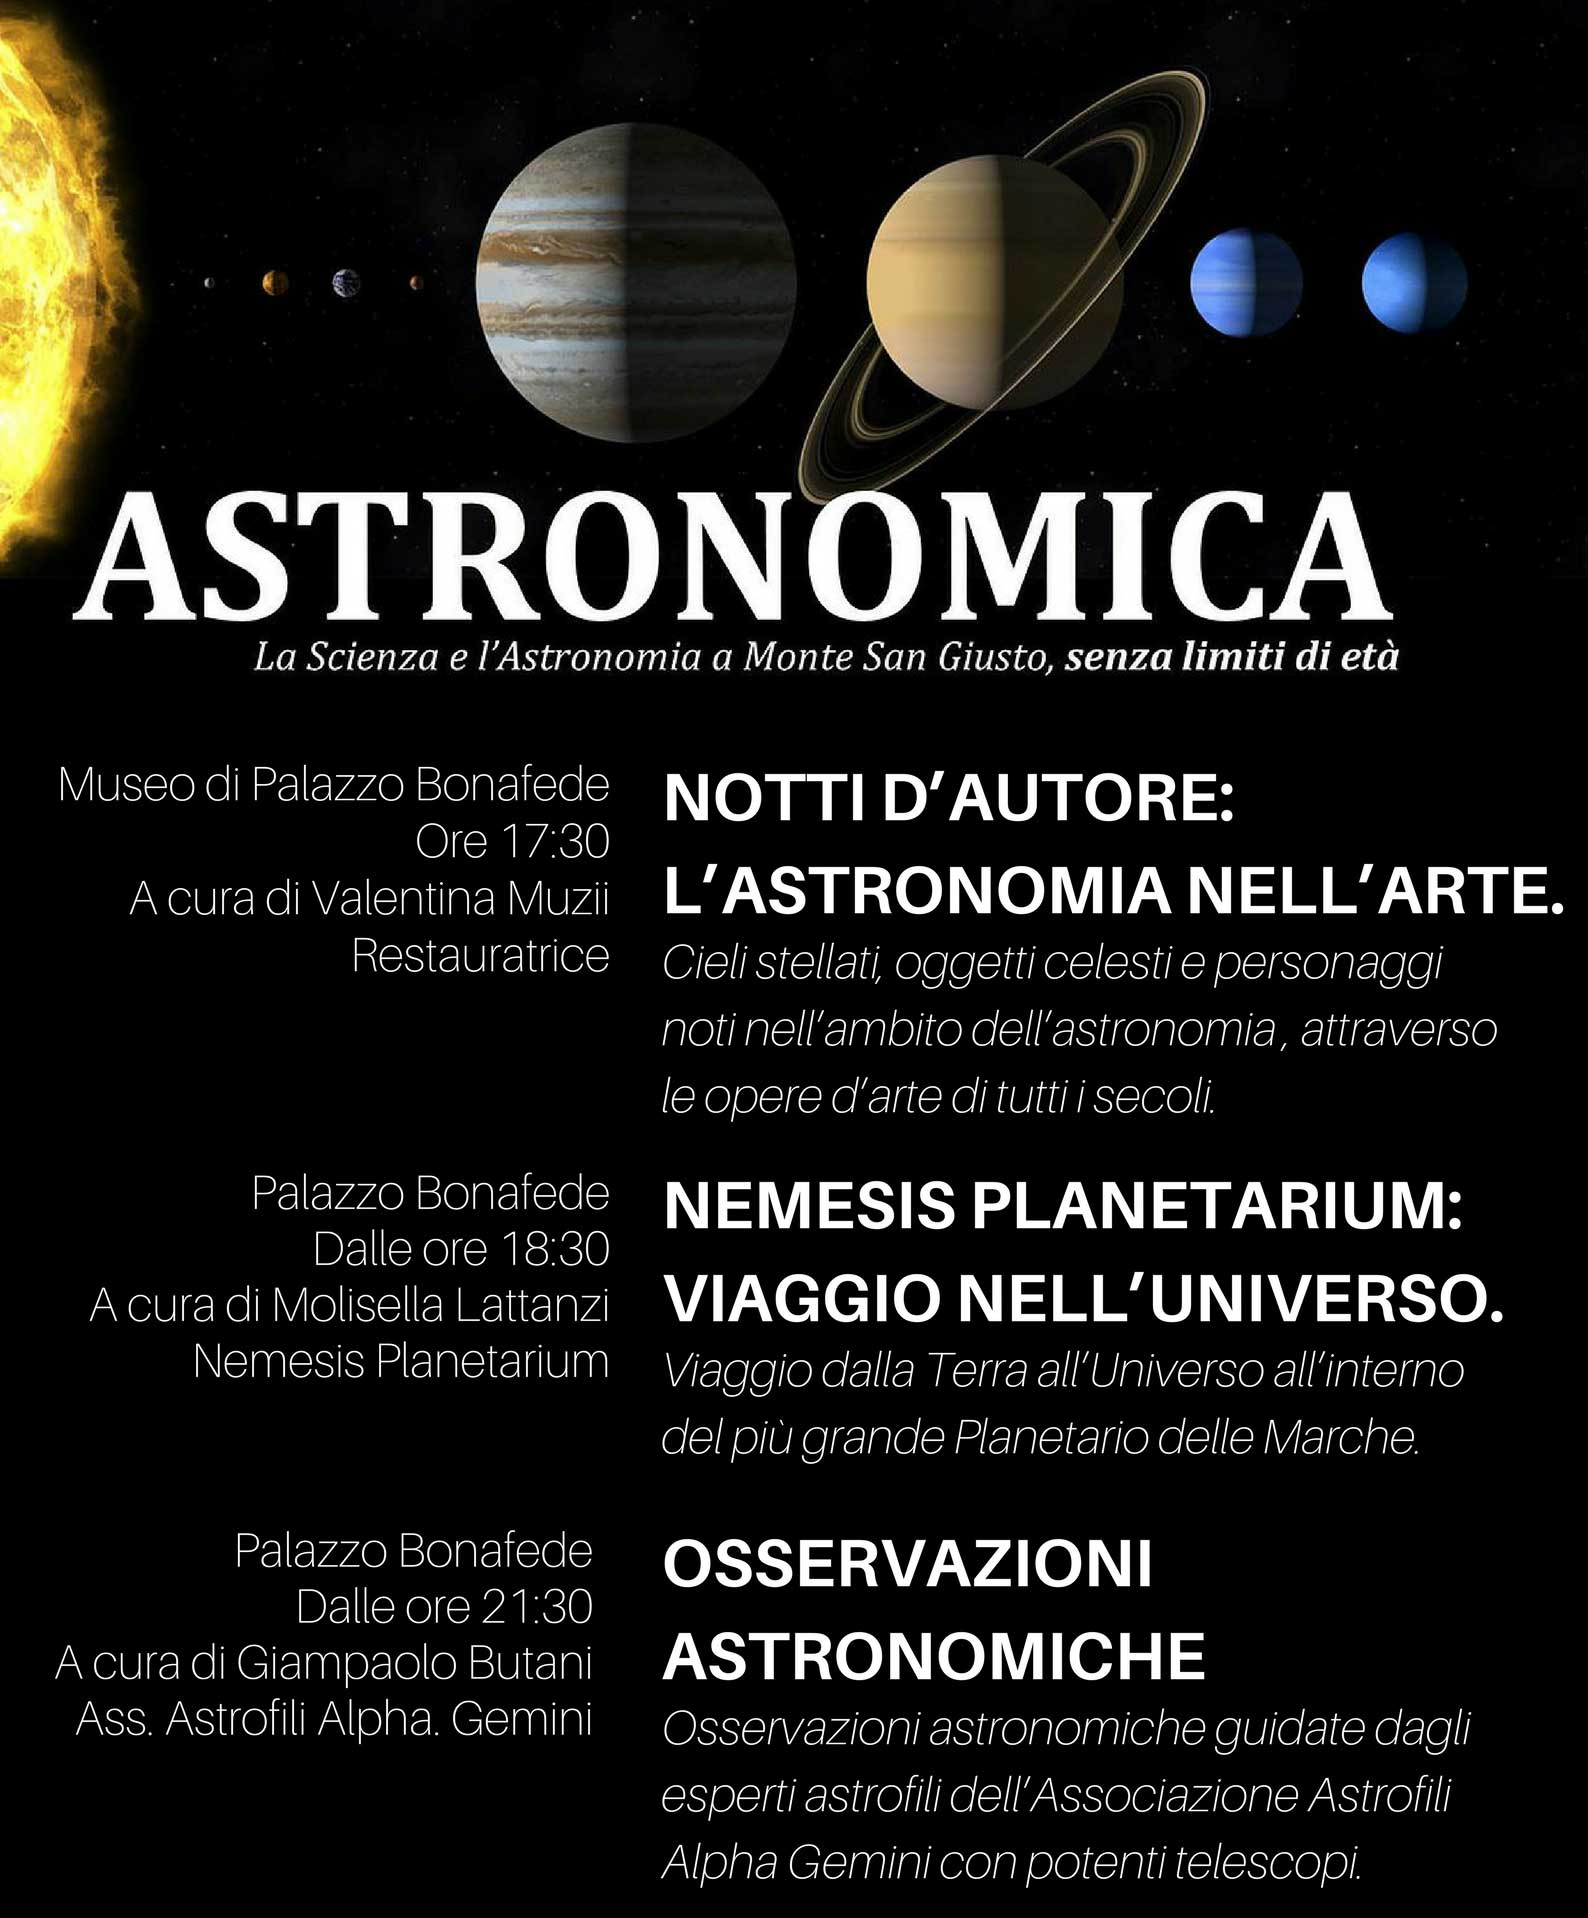 Astronomica Astronomia A Monte San Giusto Il Planetario Ci Sarà